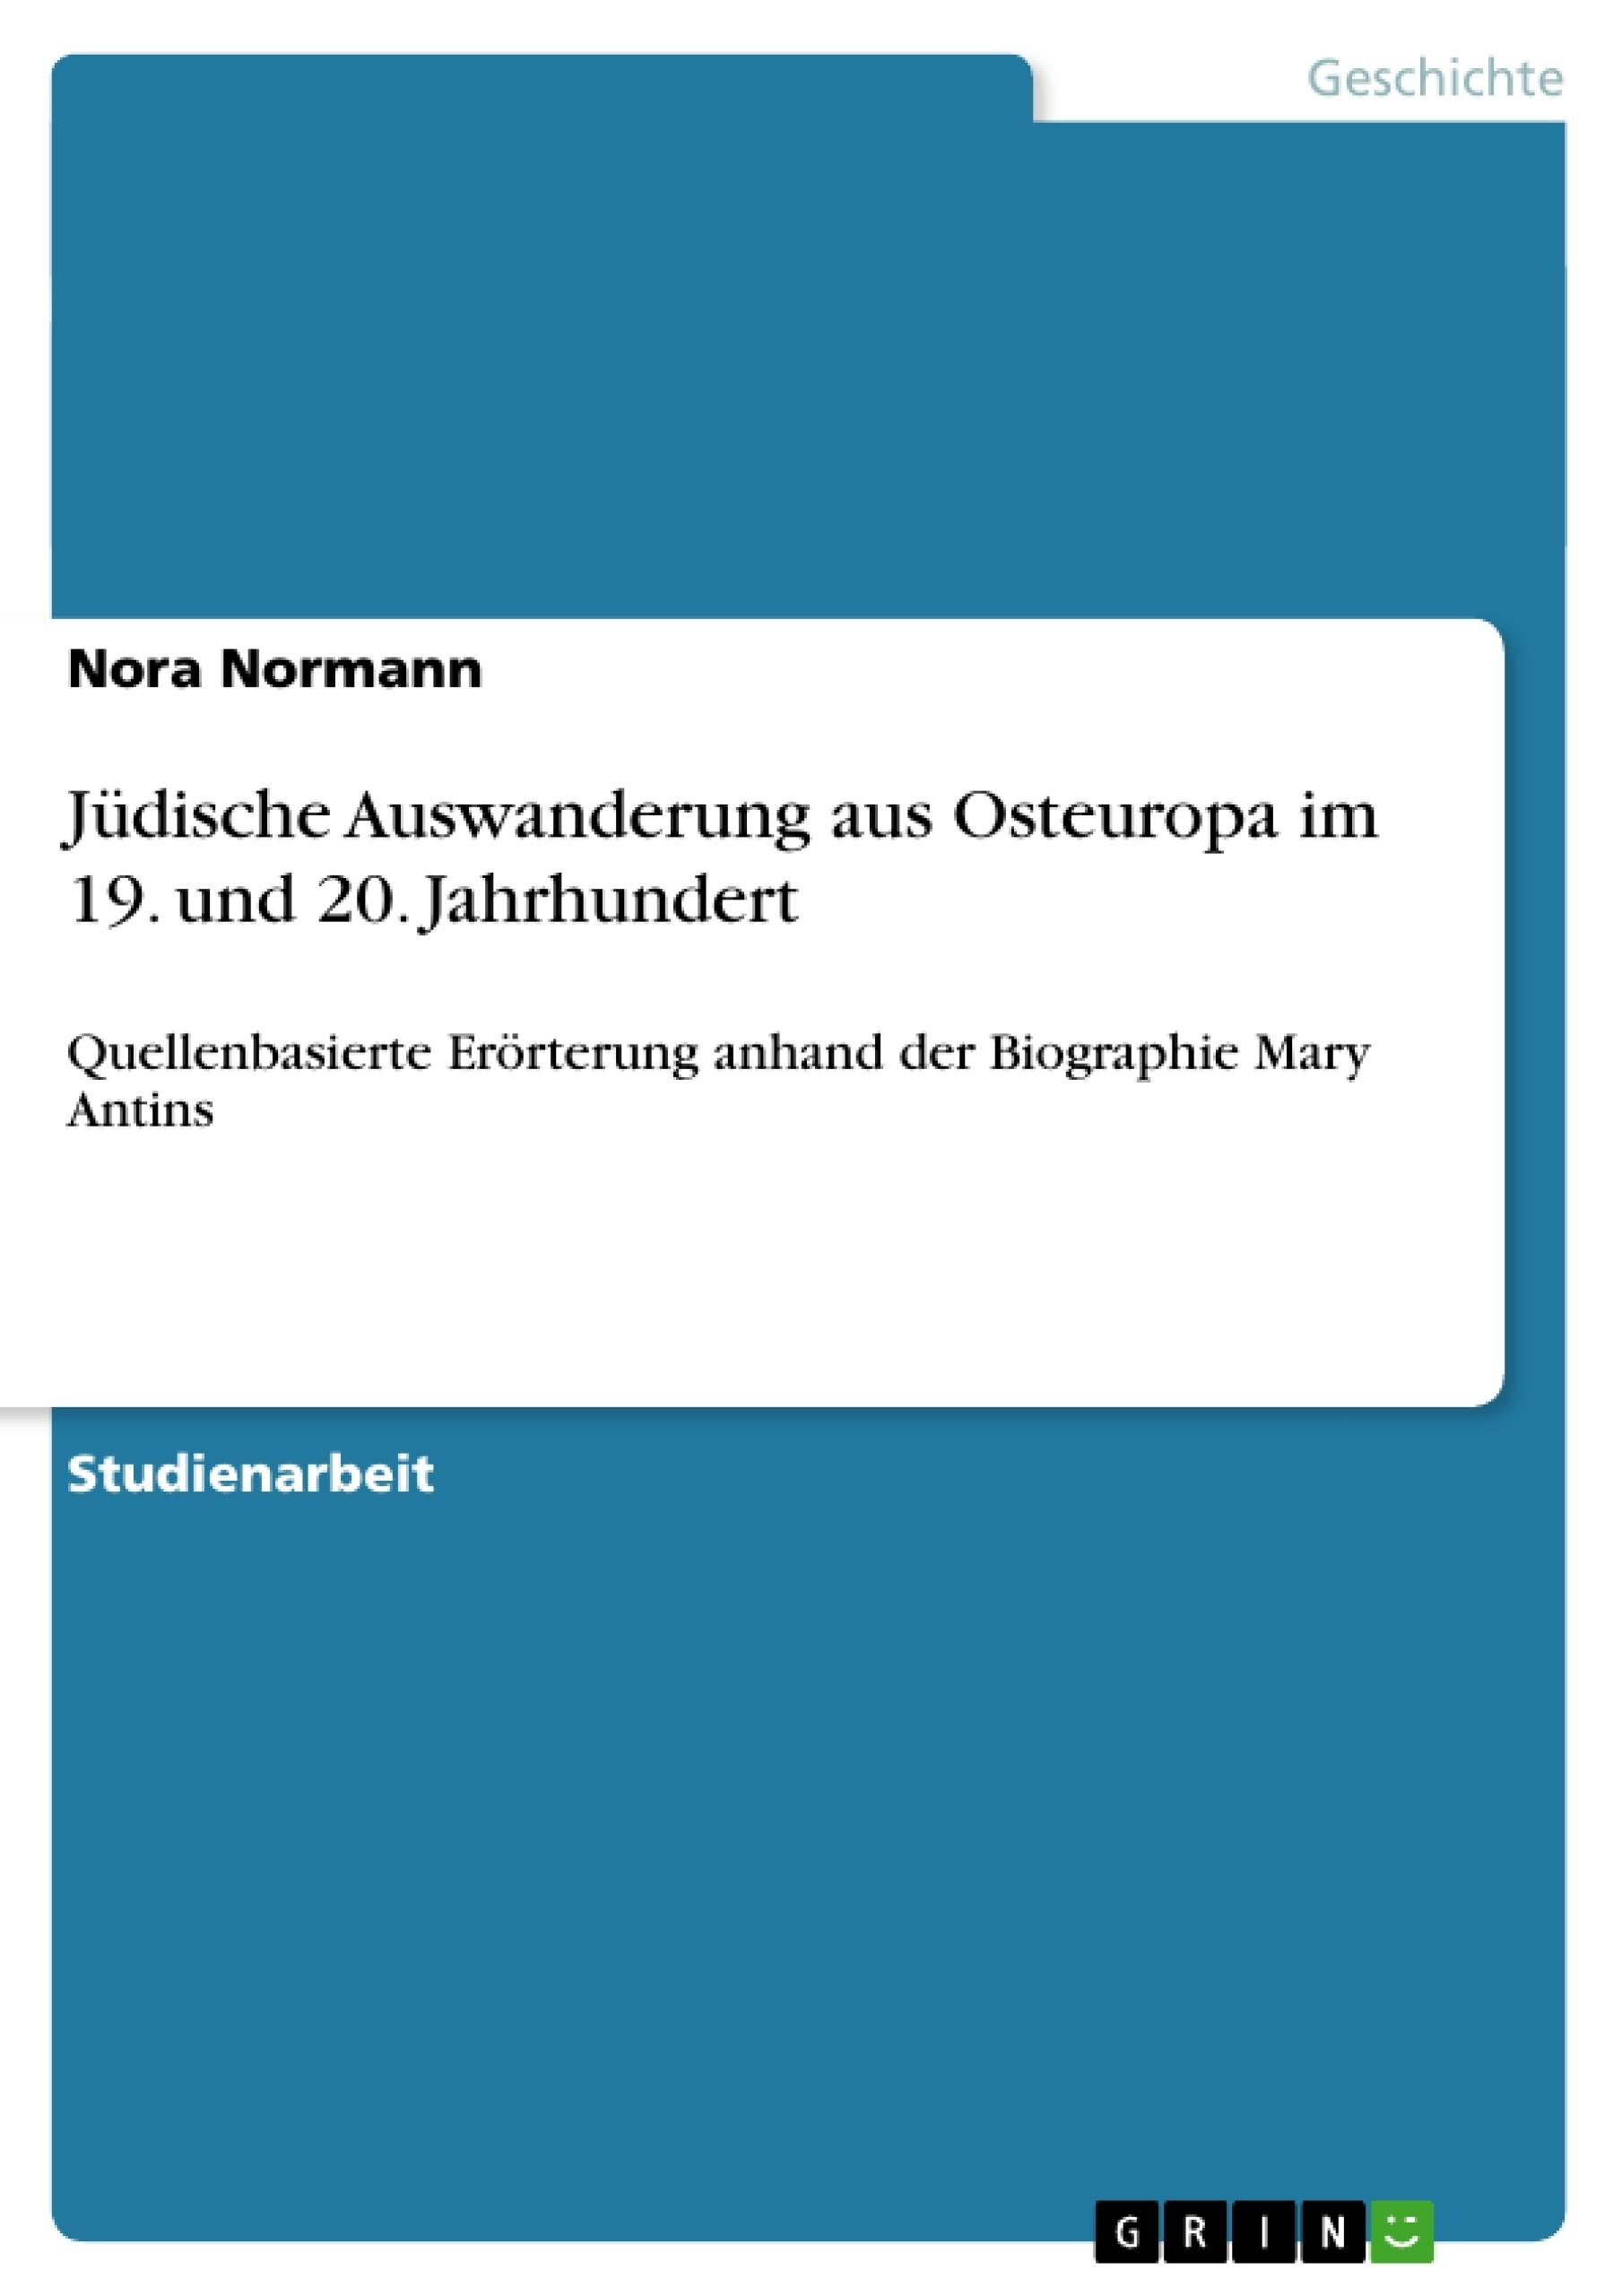 Titel: Jüdische Auswanderung aus Osteuropa im 19. und 20. Jahrhundert